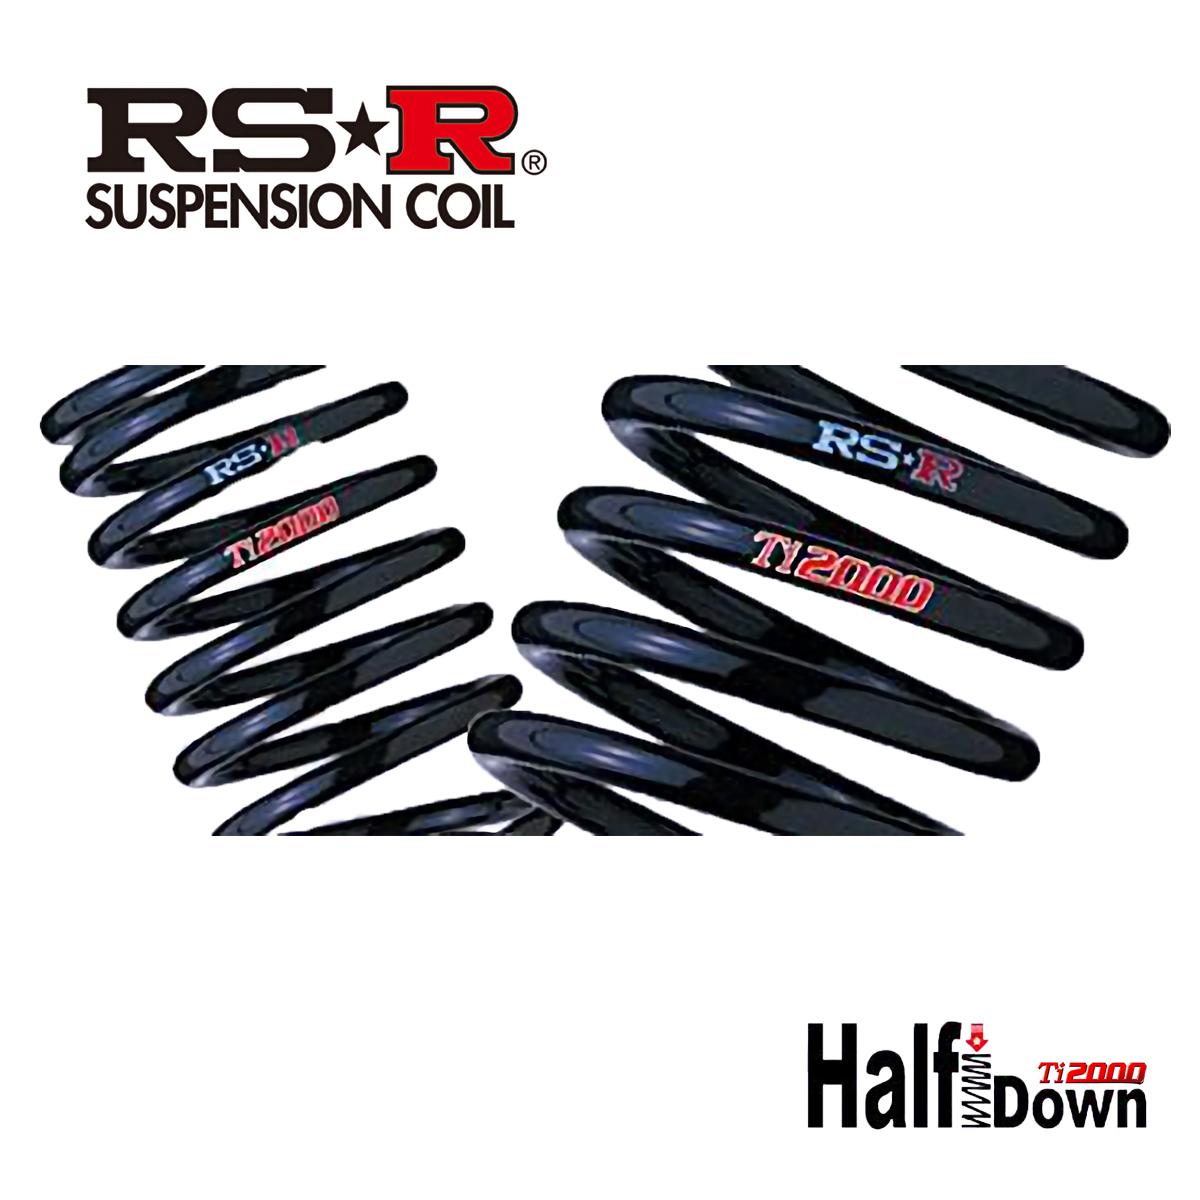 RS-R ジャスティ G スマートアシスト M900F ダウンサス スプリング リア T513THDR Ti2000 ハーフダウン RSR 個人宅発送追金有